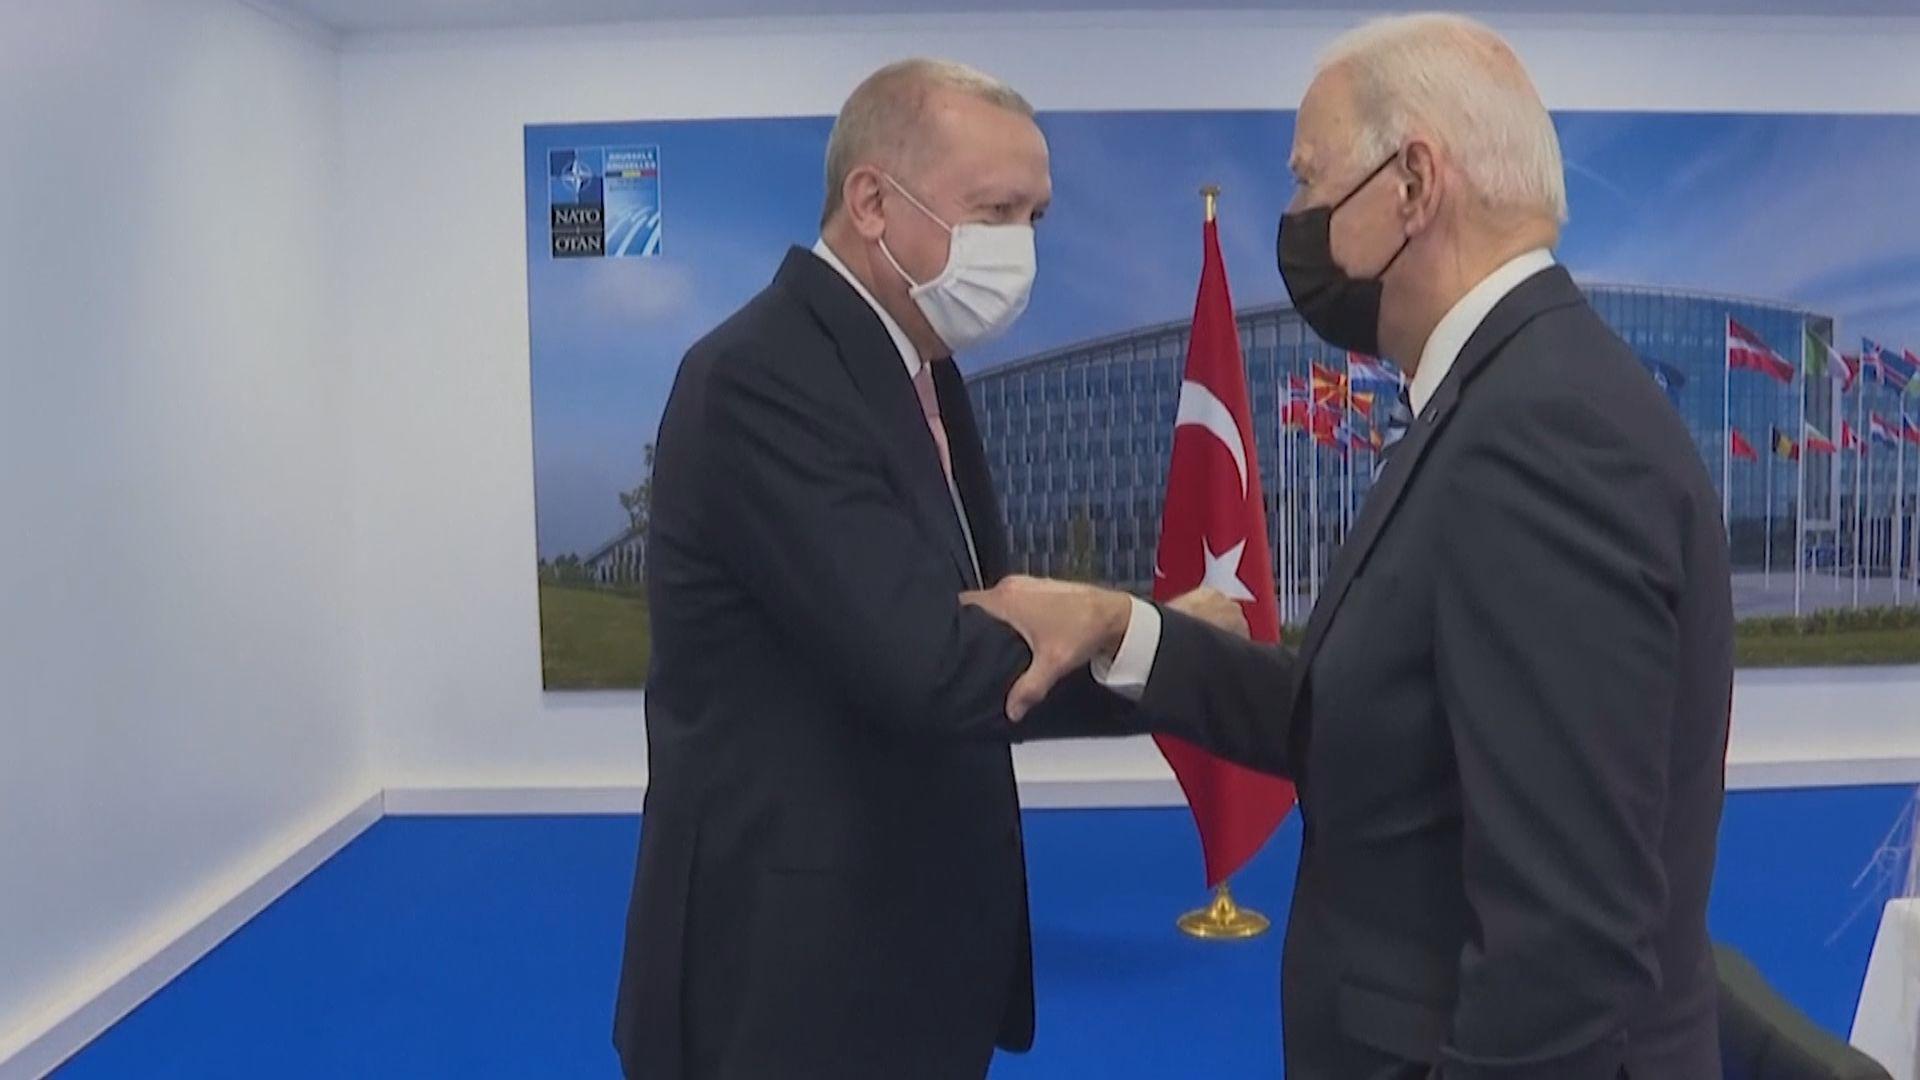 拜登與土耳其總統埃爾多安會面 兩國關係未見大突破